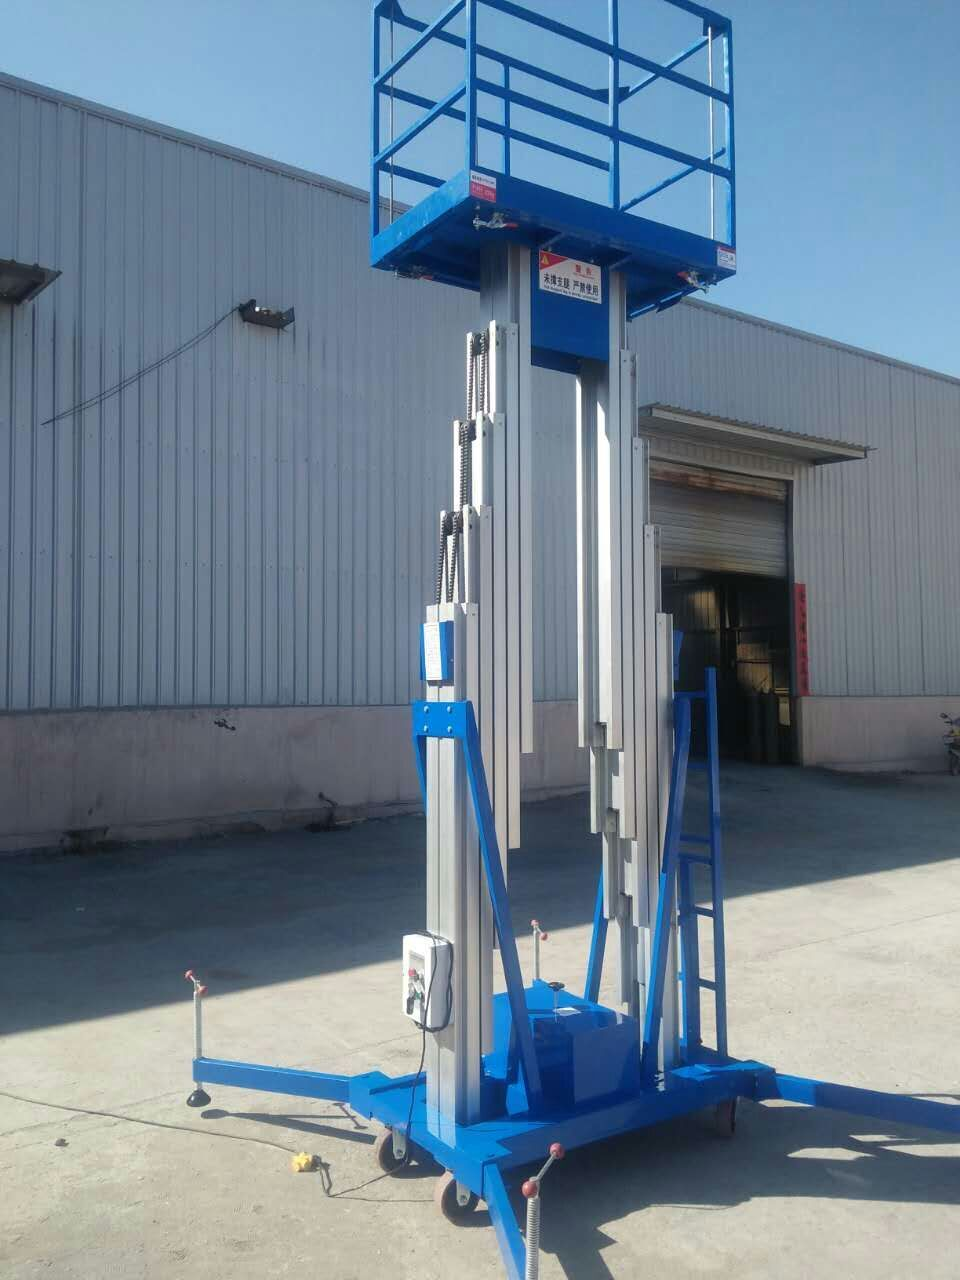 液压升降机、升降平台在现代生产生活中起到的作用|行业资讯-山东新耀液压升降机械有限公司